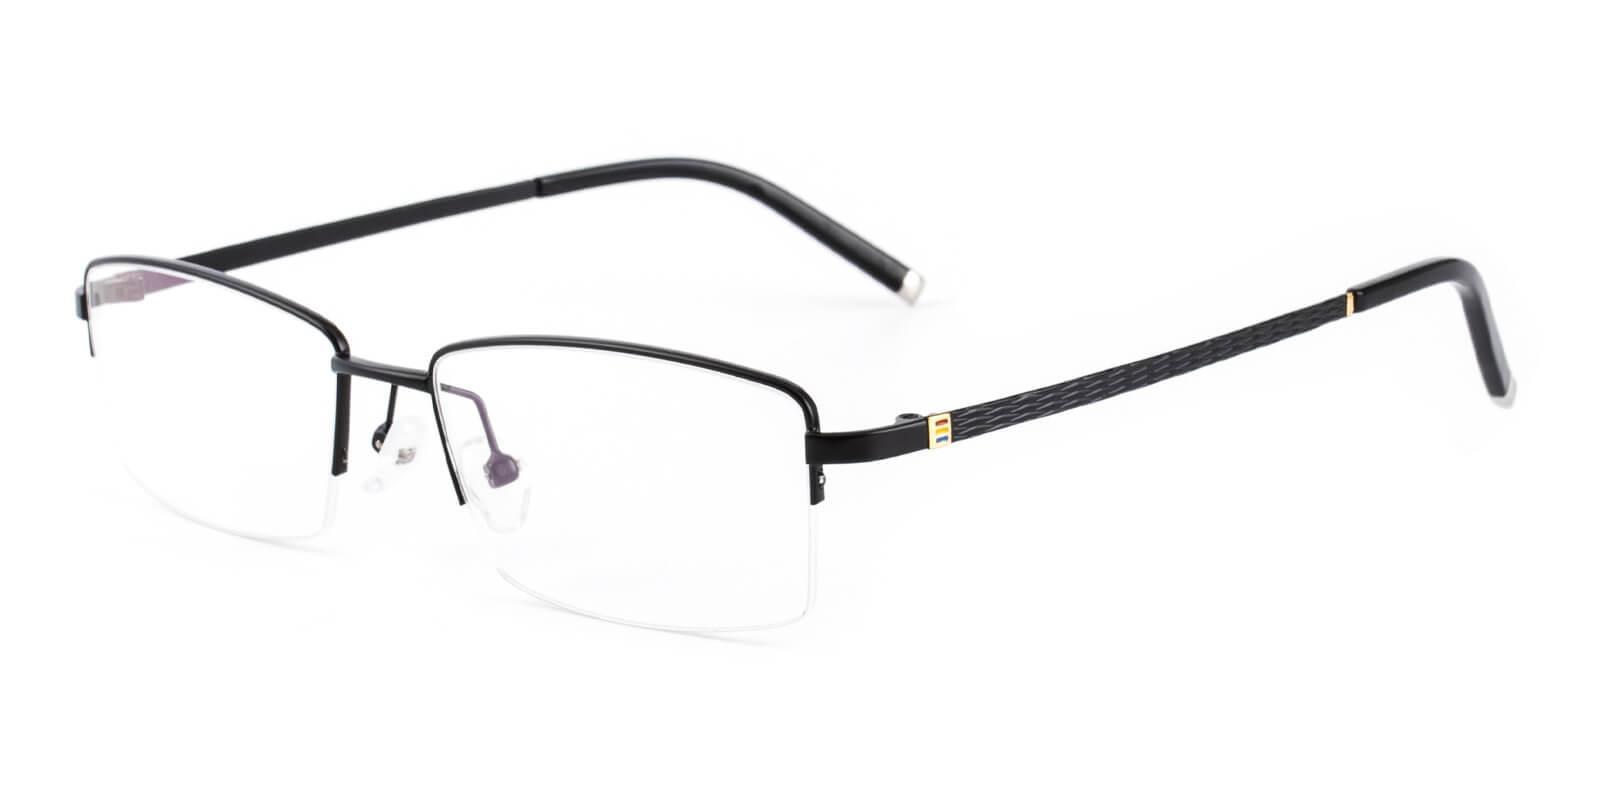 Emerge-Black-Rectangle-Titanium-Eyeglasses-additional1